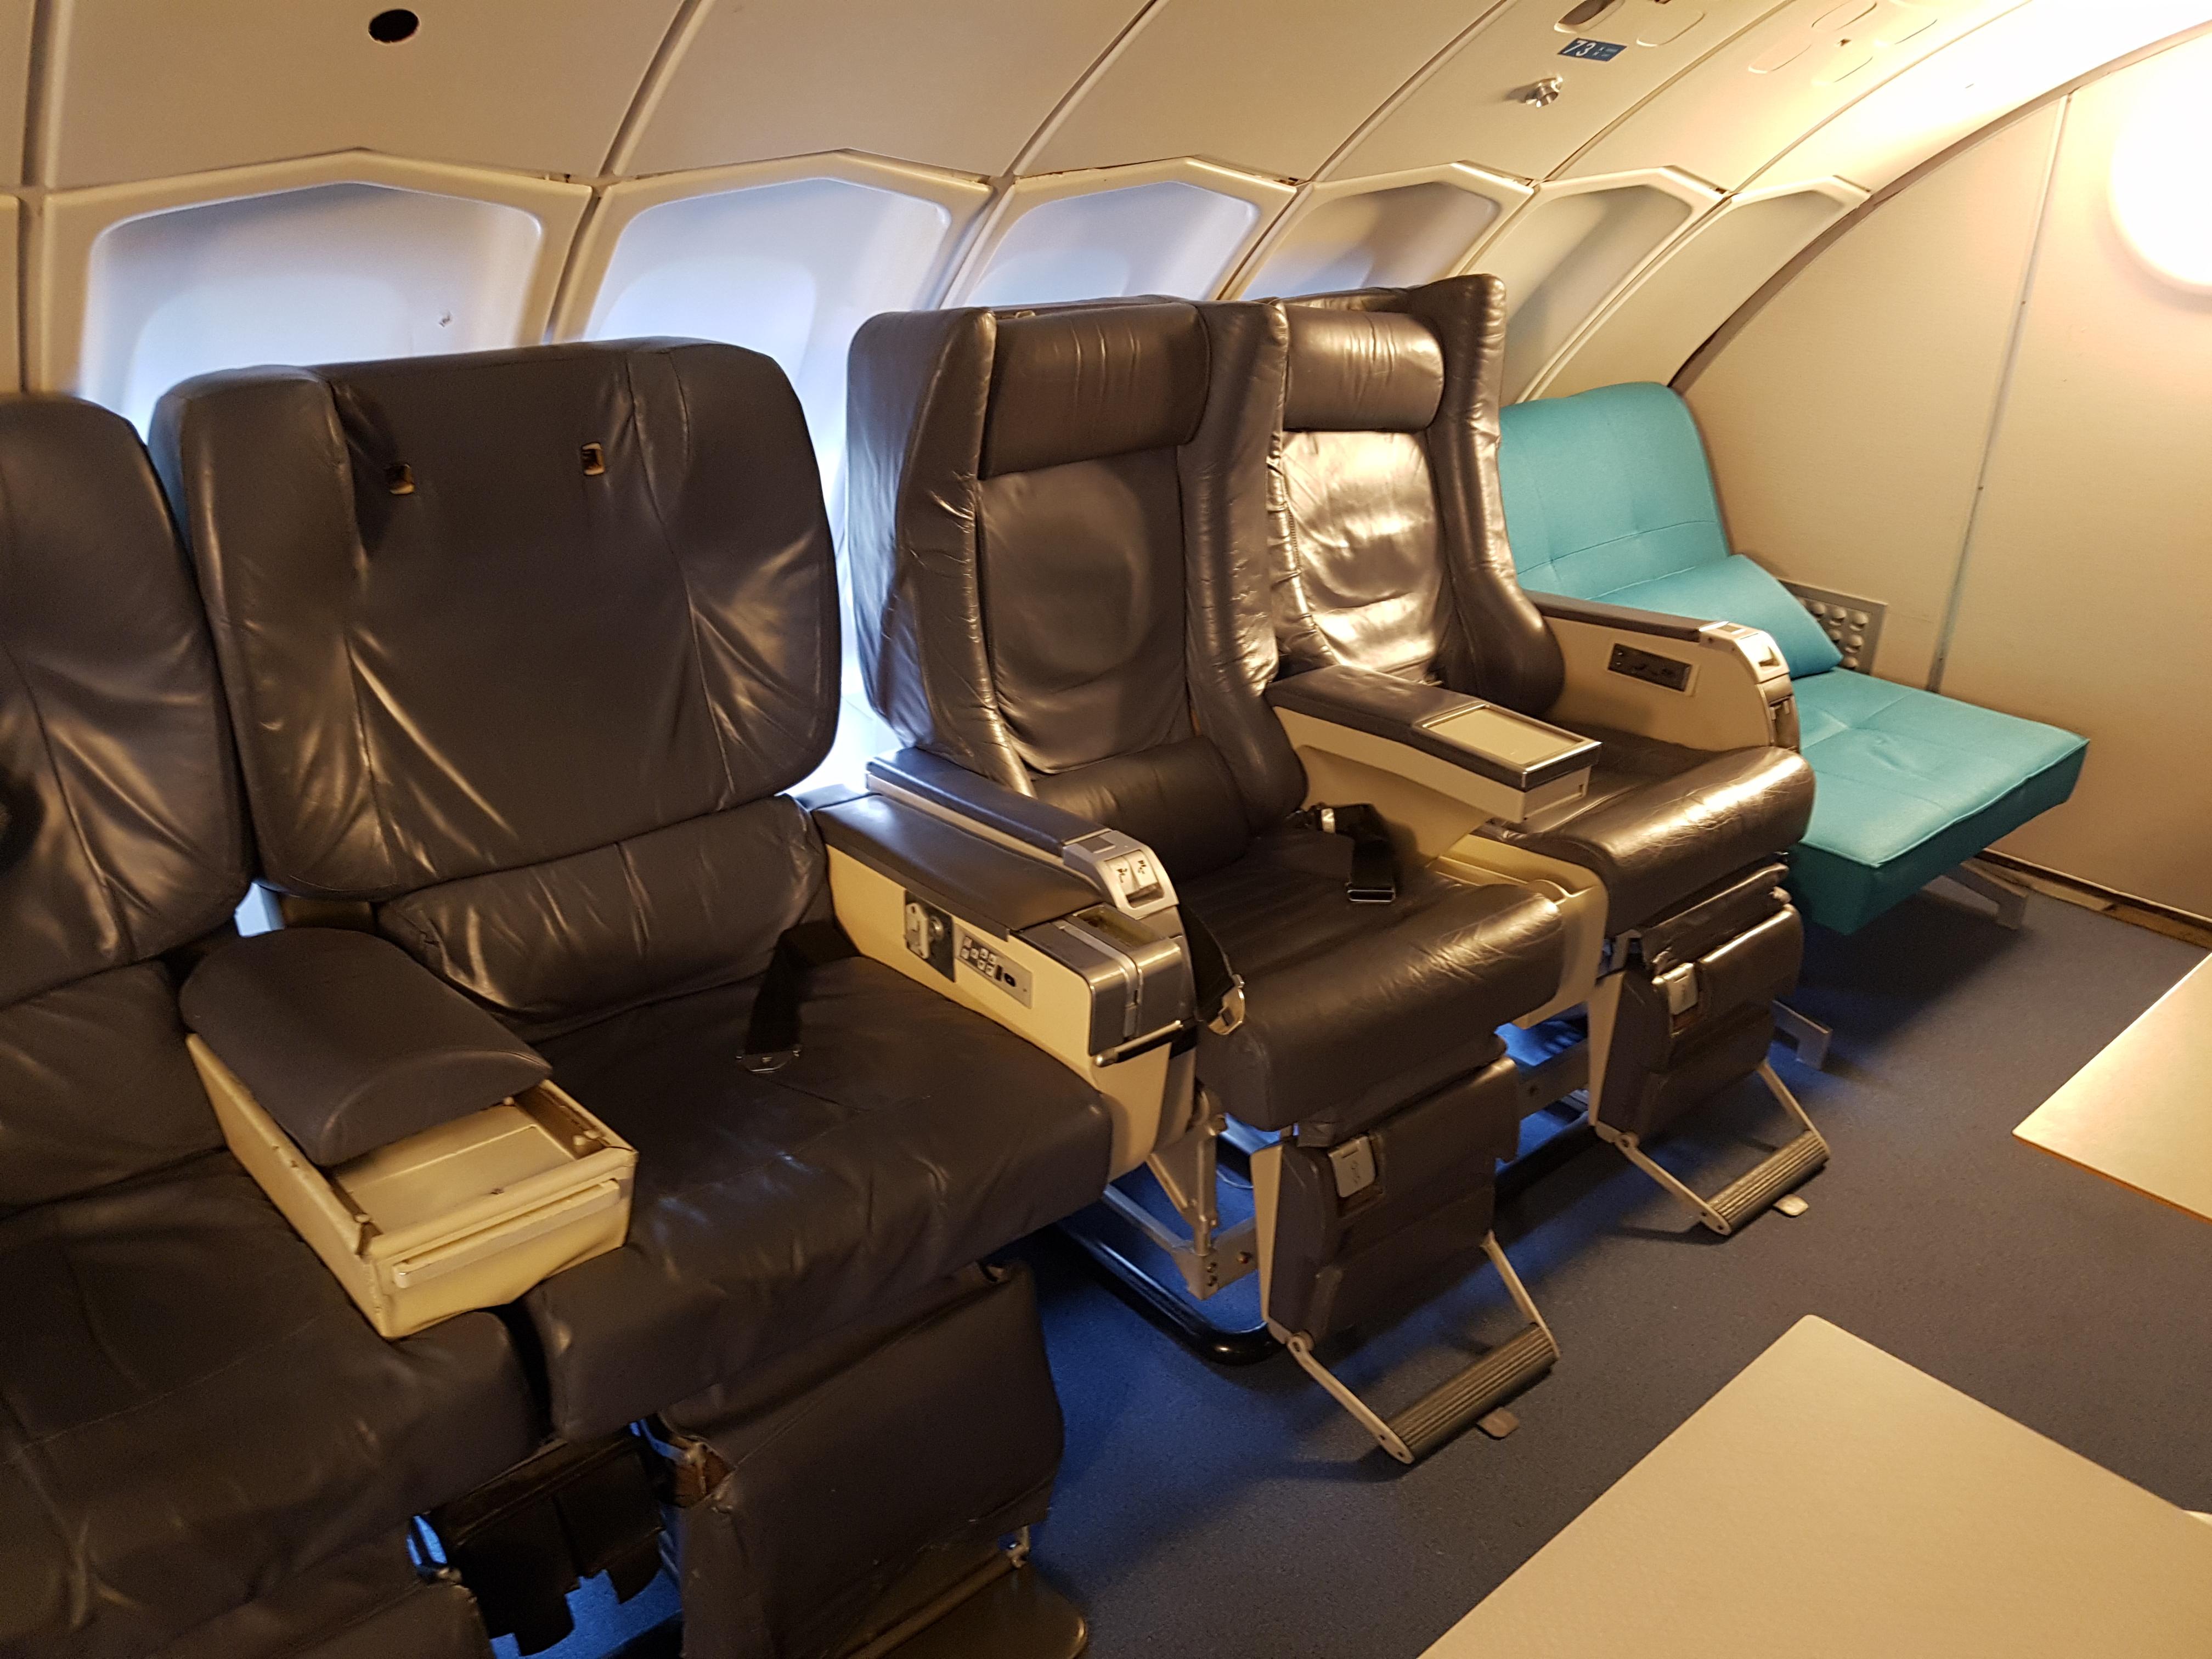 Hinter Dem Cockpit Befindet Sich Ein Kleines Badezimmer Mit Dusche. In Der  Hinteren Hälfte Des Buckels Befindet Sich Eine Lounge.